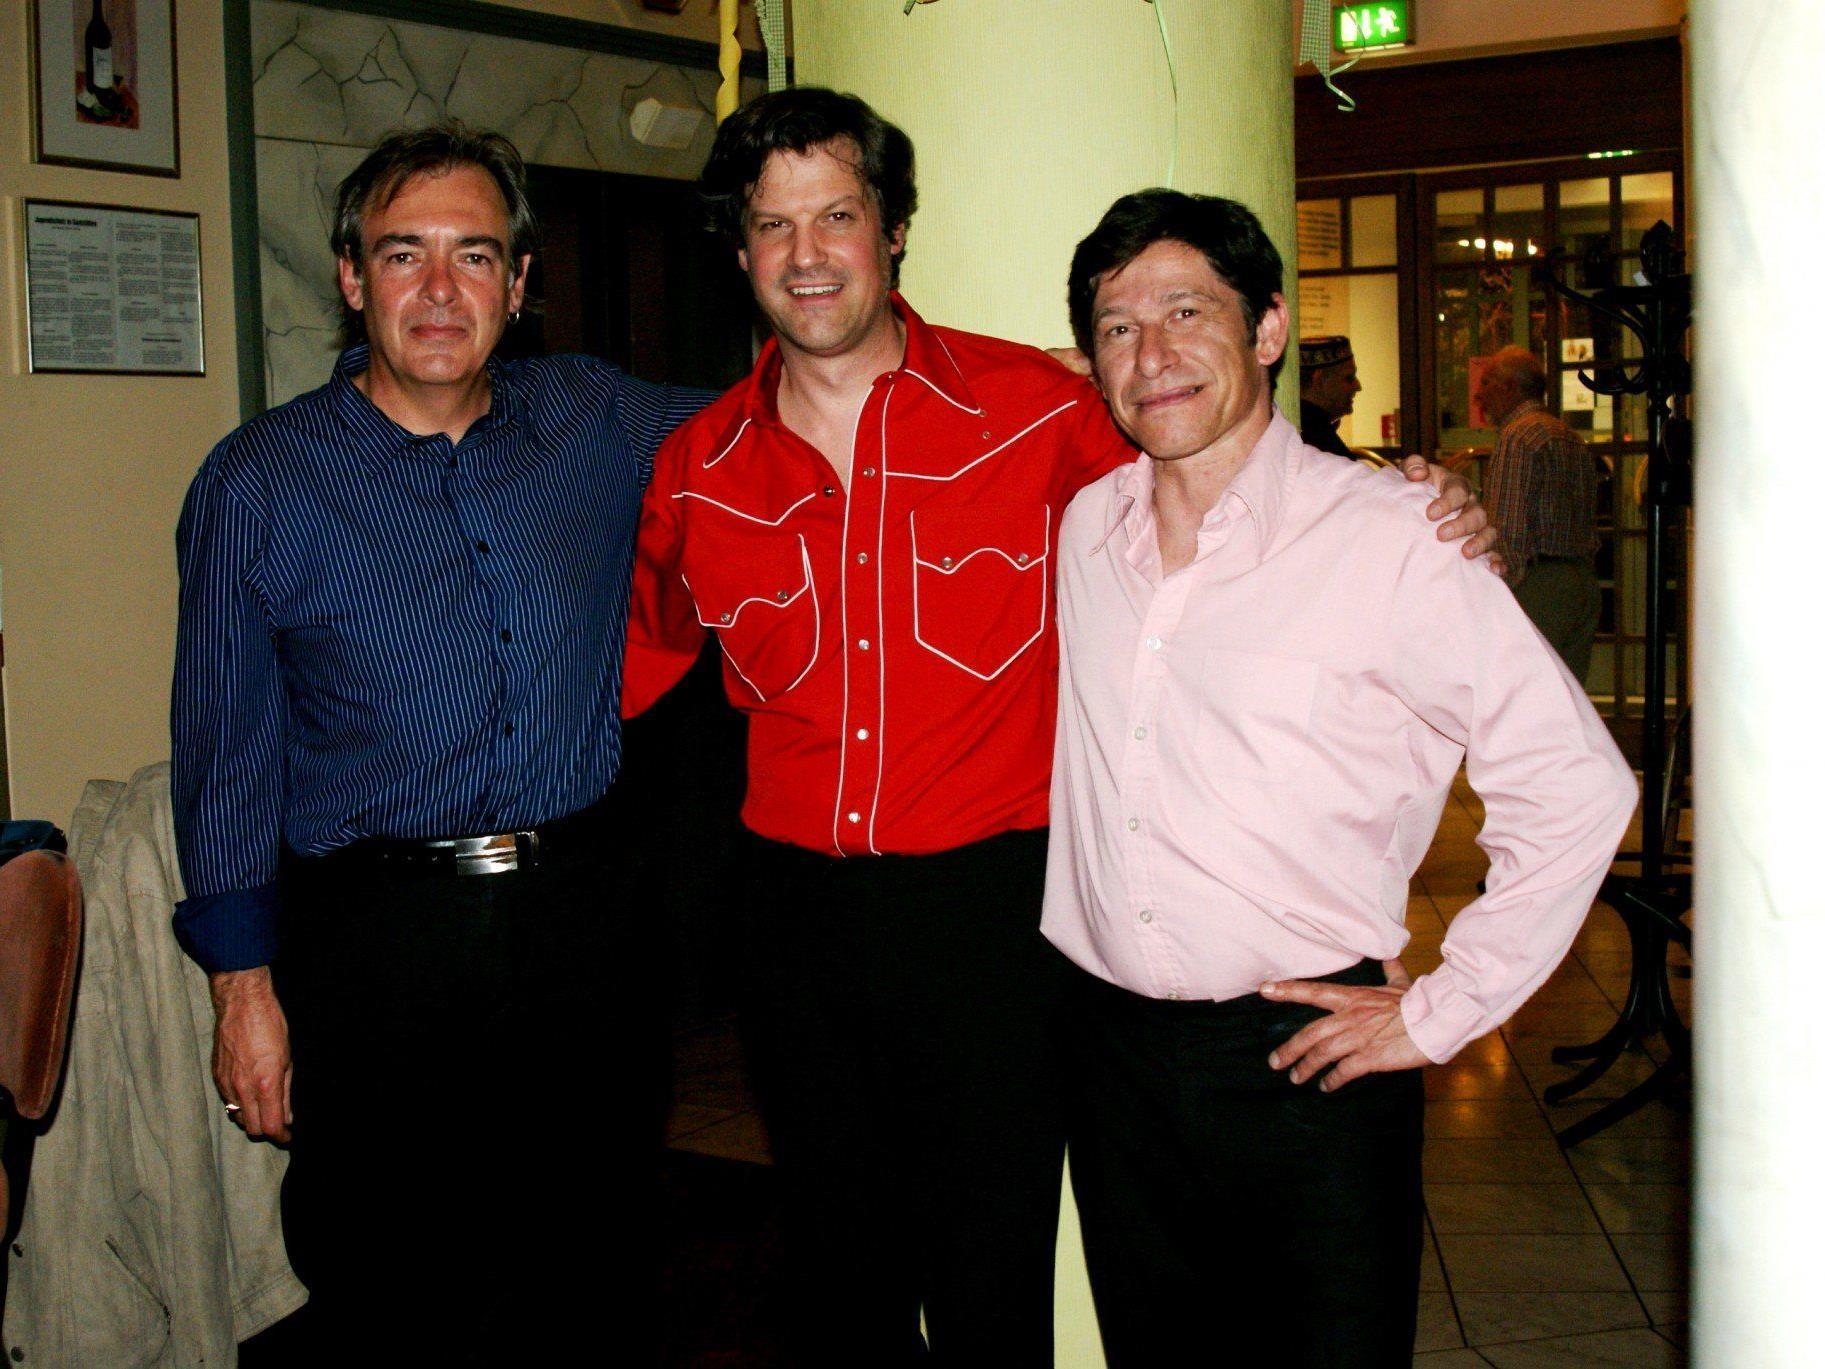 Das Trio sorge für einen wunderbaren musikalischen Abend im Piazza